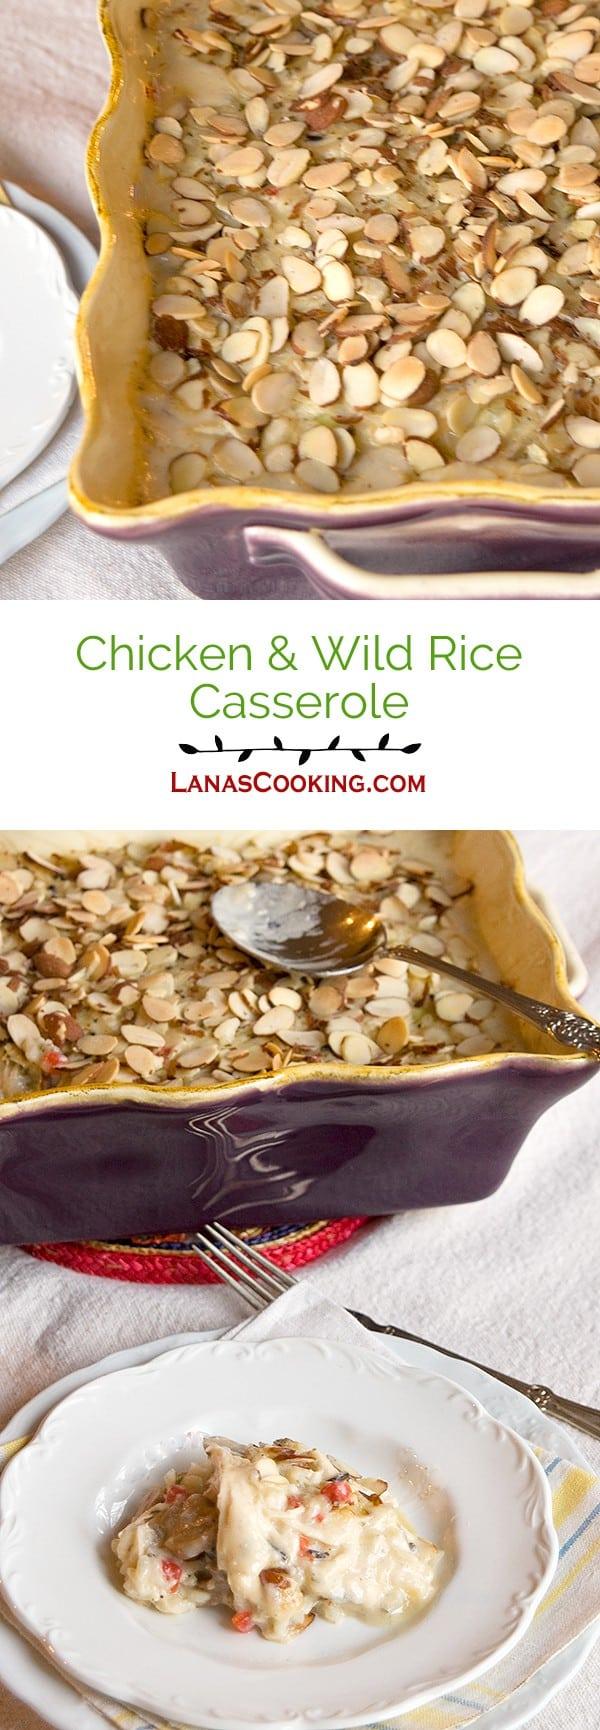 Chicken Wild Rice Casserole - a cream, delicious casserole featuring chicken and wild rice. From @NevrEnoughThyme http://www.lanascooking.com/chicken-wild-rice-casserole